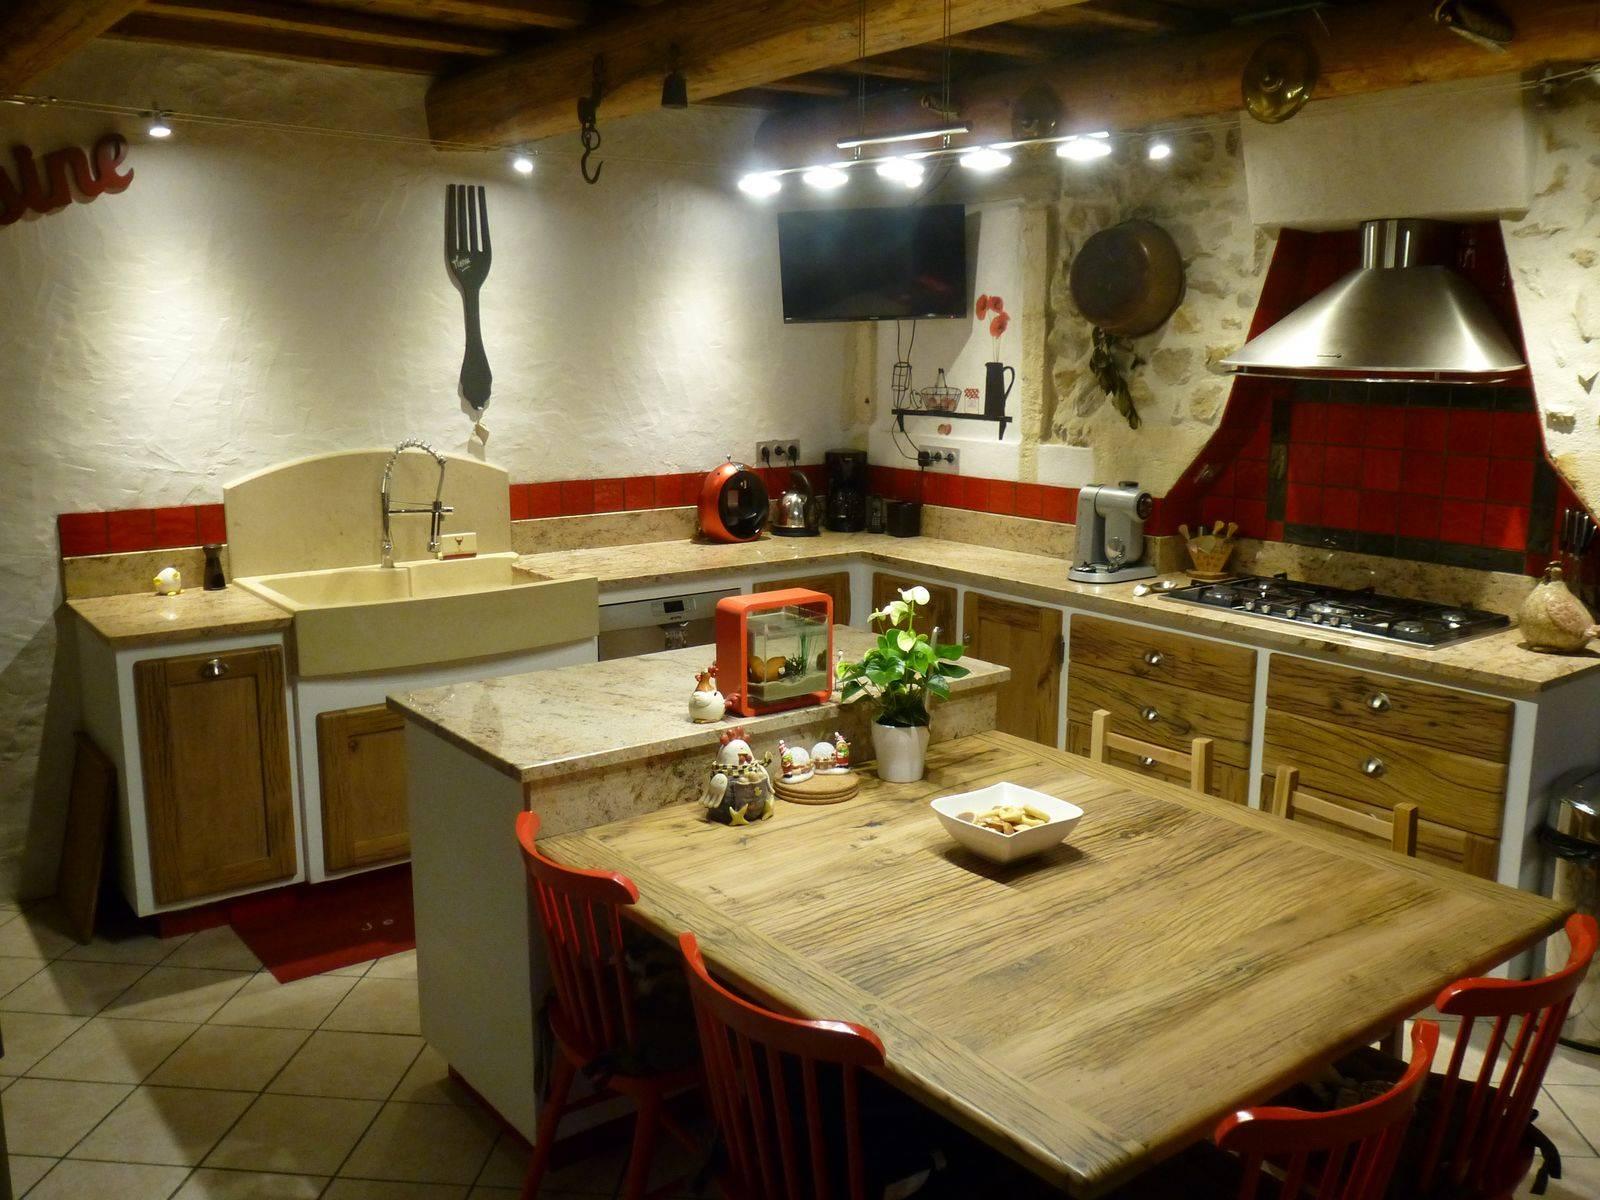 cuisine campagne sur mesure en bois massif avignon atelier bois deco. Black Bedroom Furniture Sets. Home Design Ideas